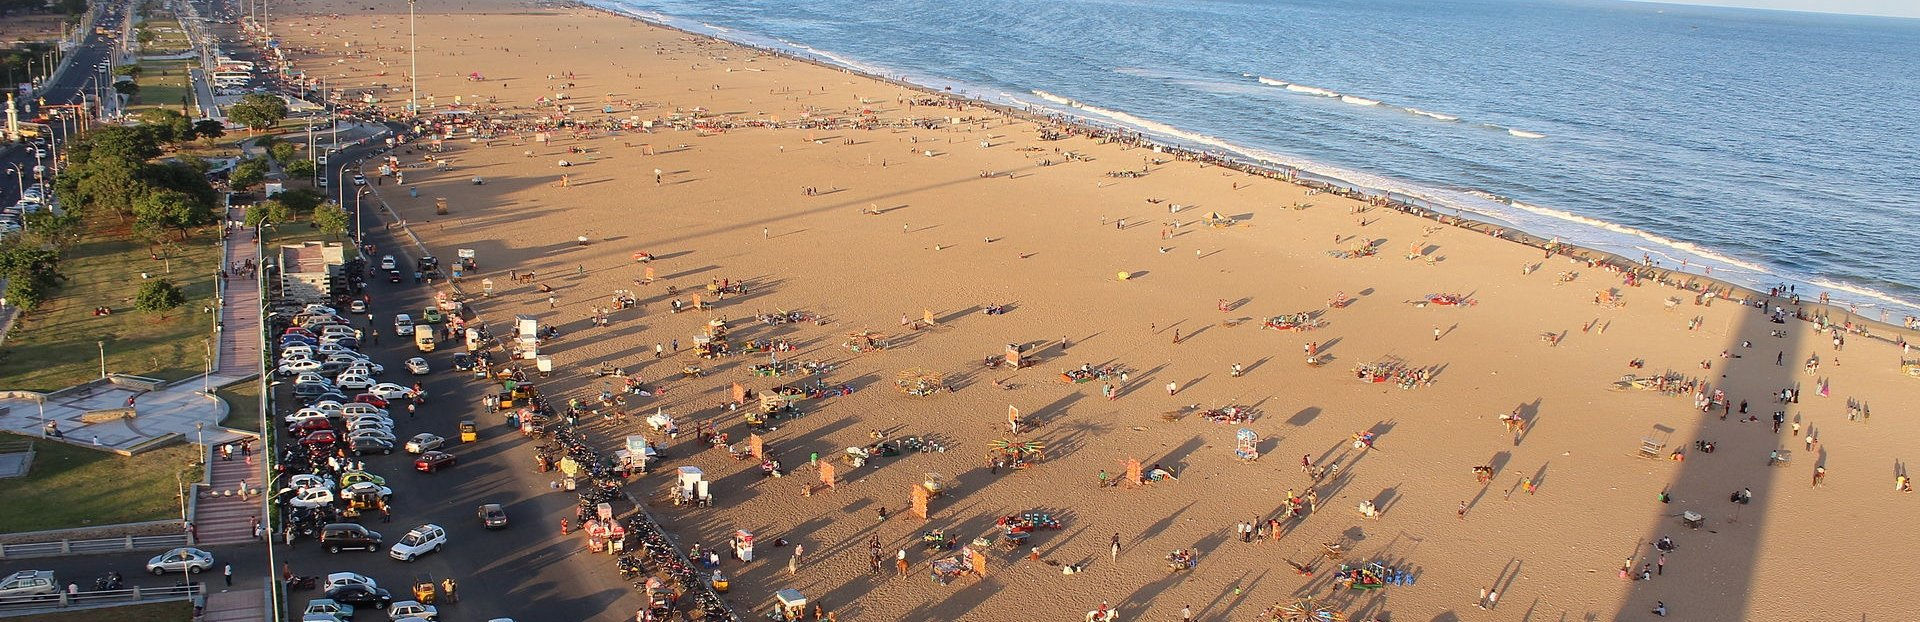 Chennai audio tour: Marina Beach Walk